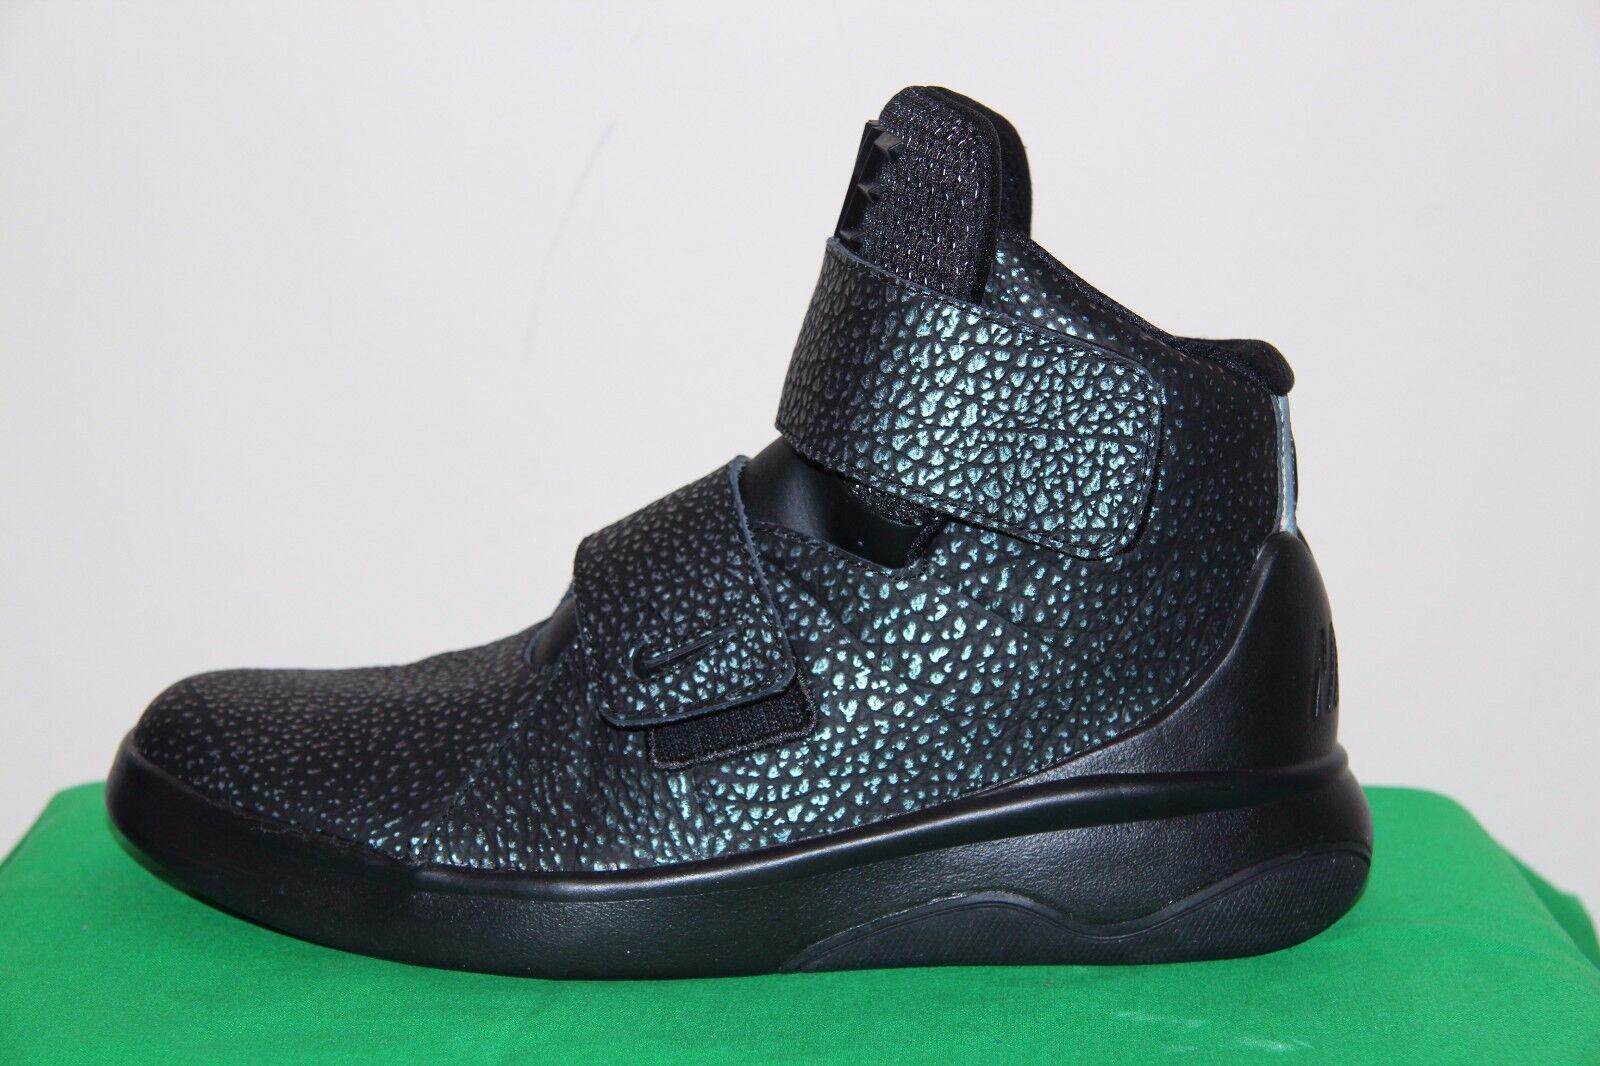 Nike Marxman Premium come QS, Autentico